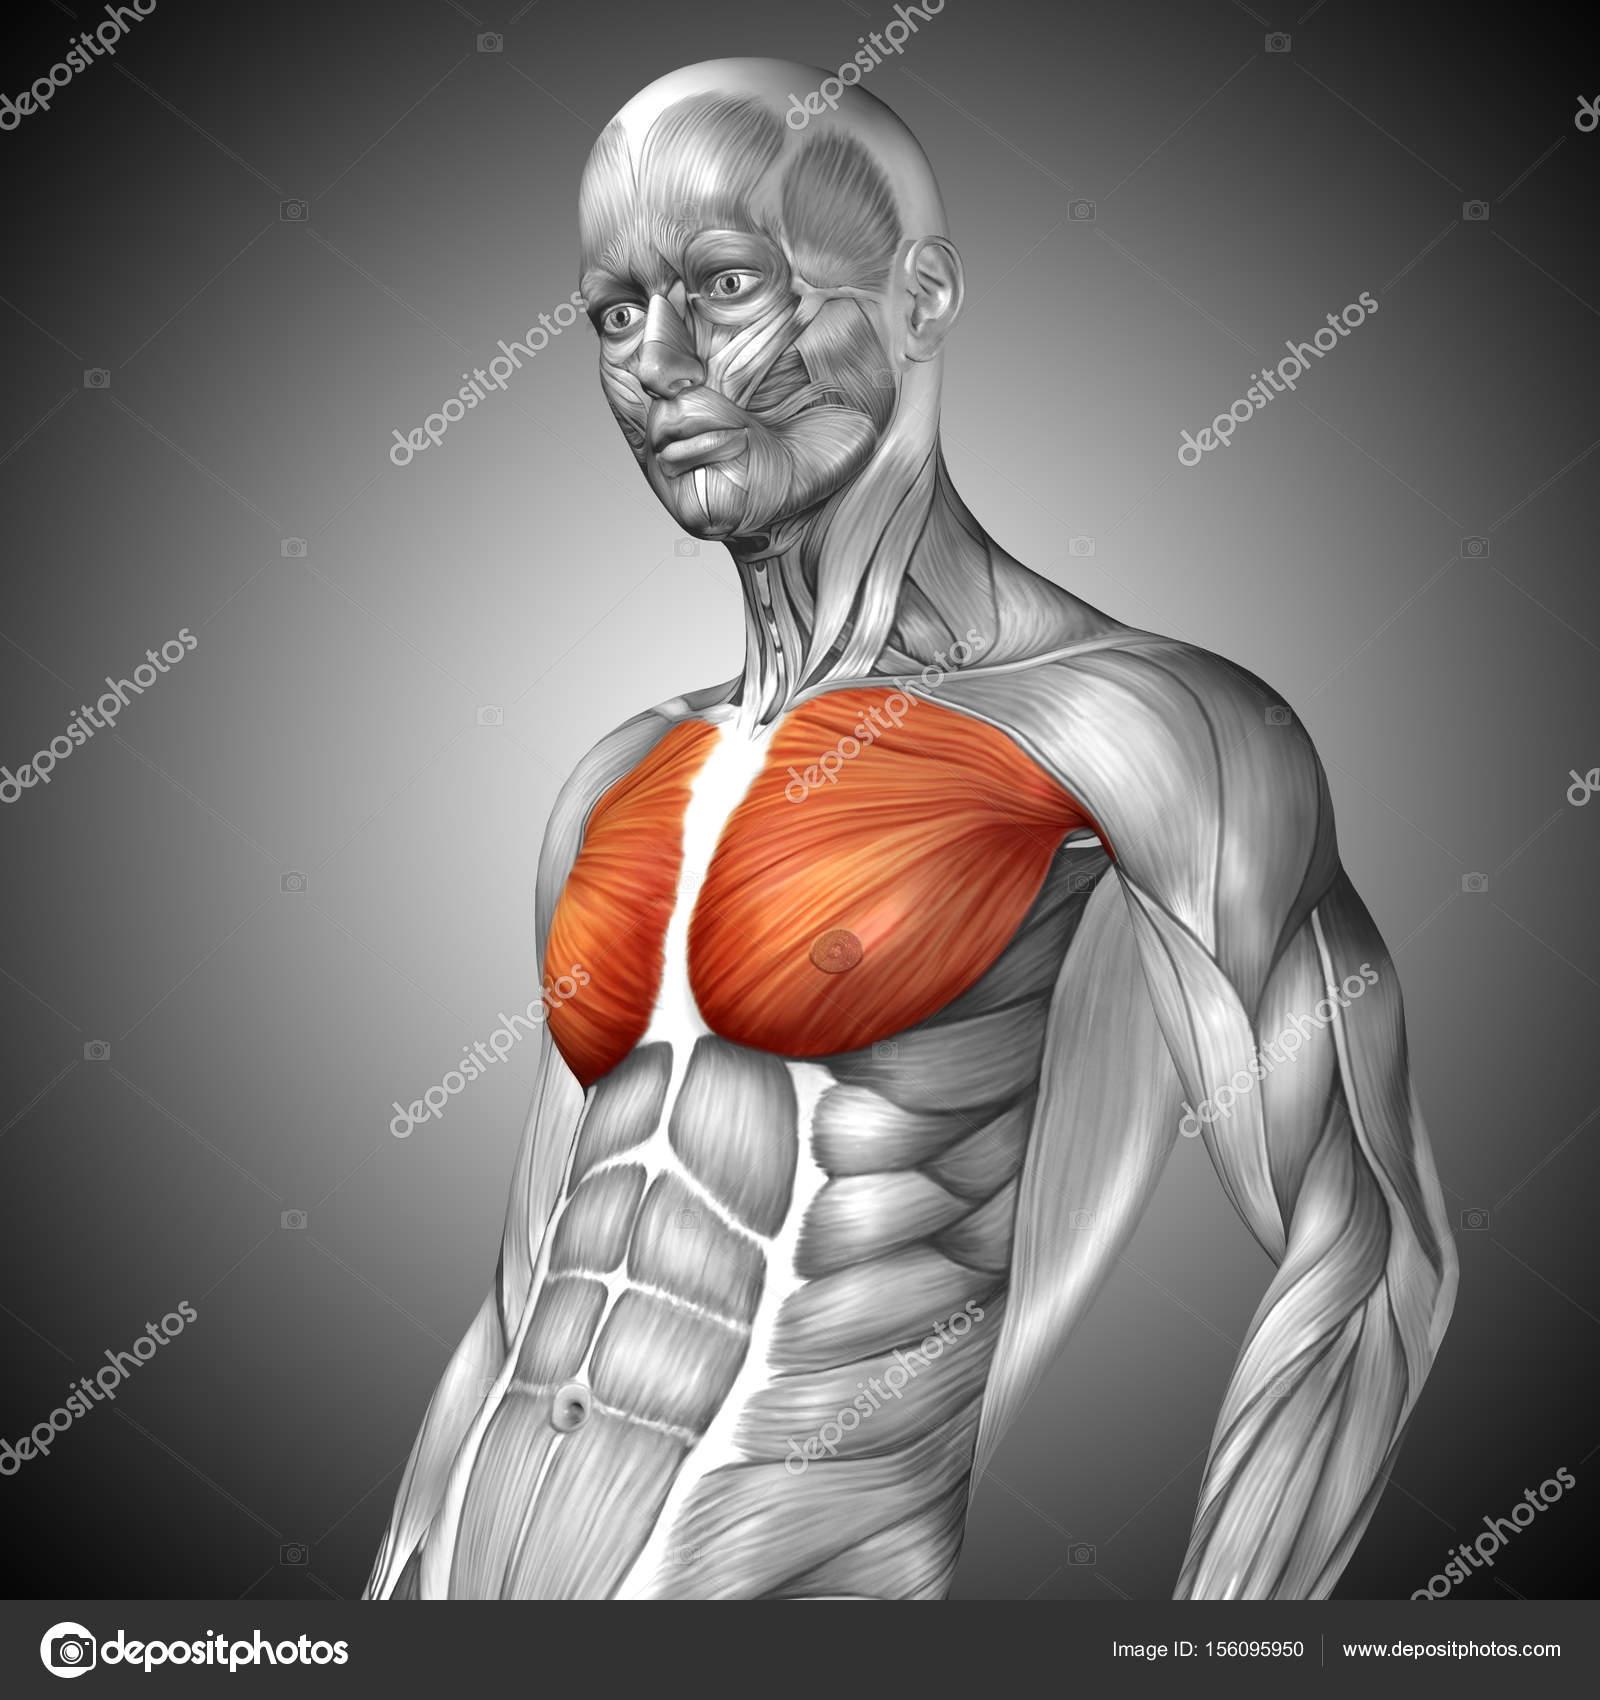 Anatomie der menschlichen Brust — Stockfoto © design36 #156095950